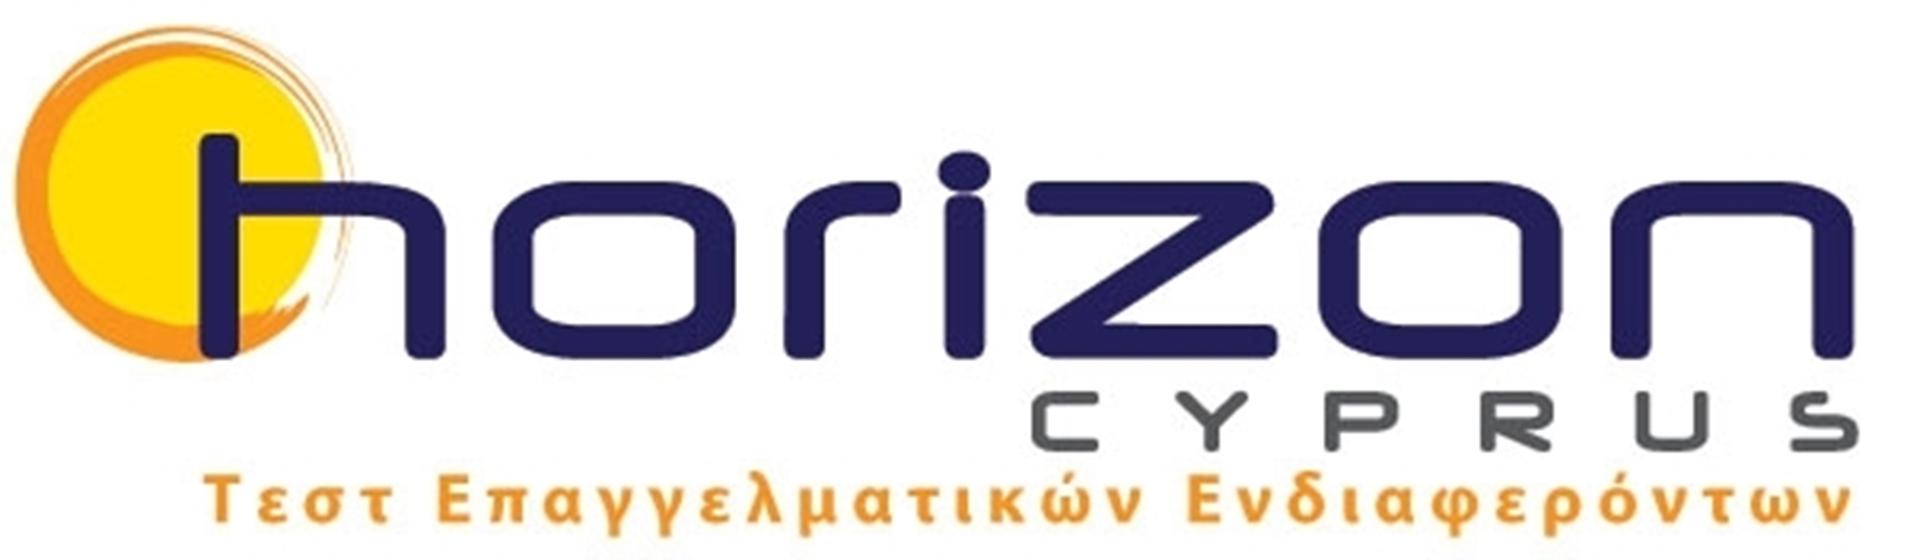 Εικόνα από HORIZON CYPRUS